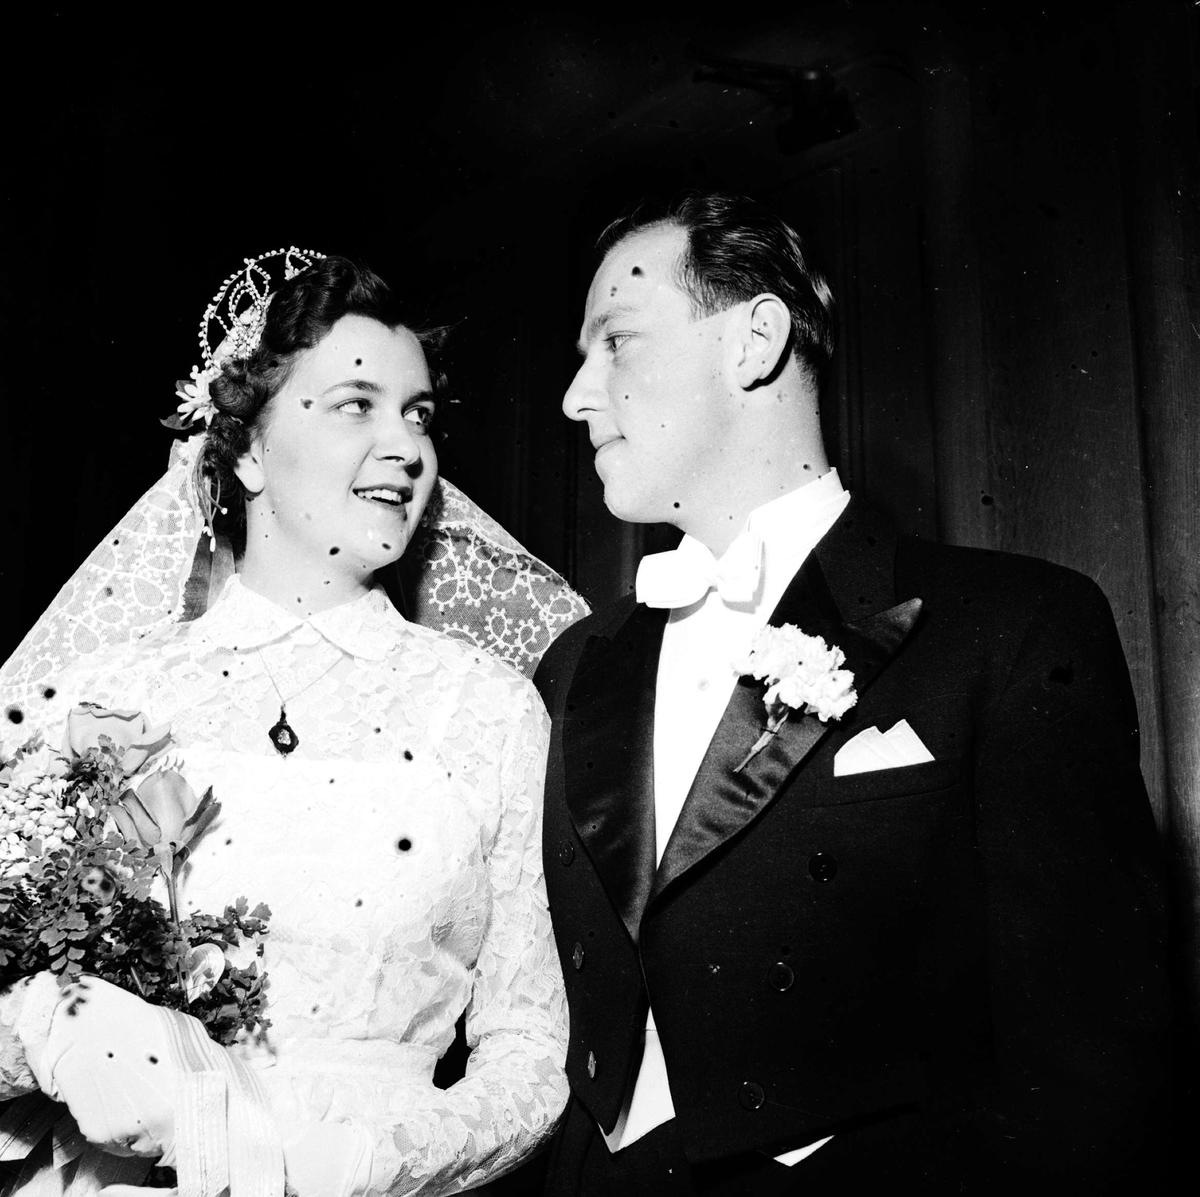 Bröllop - brudpar sommaren 1952